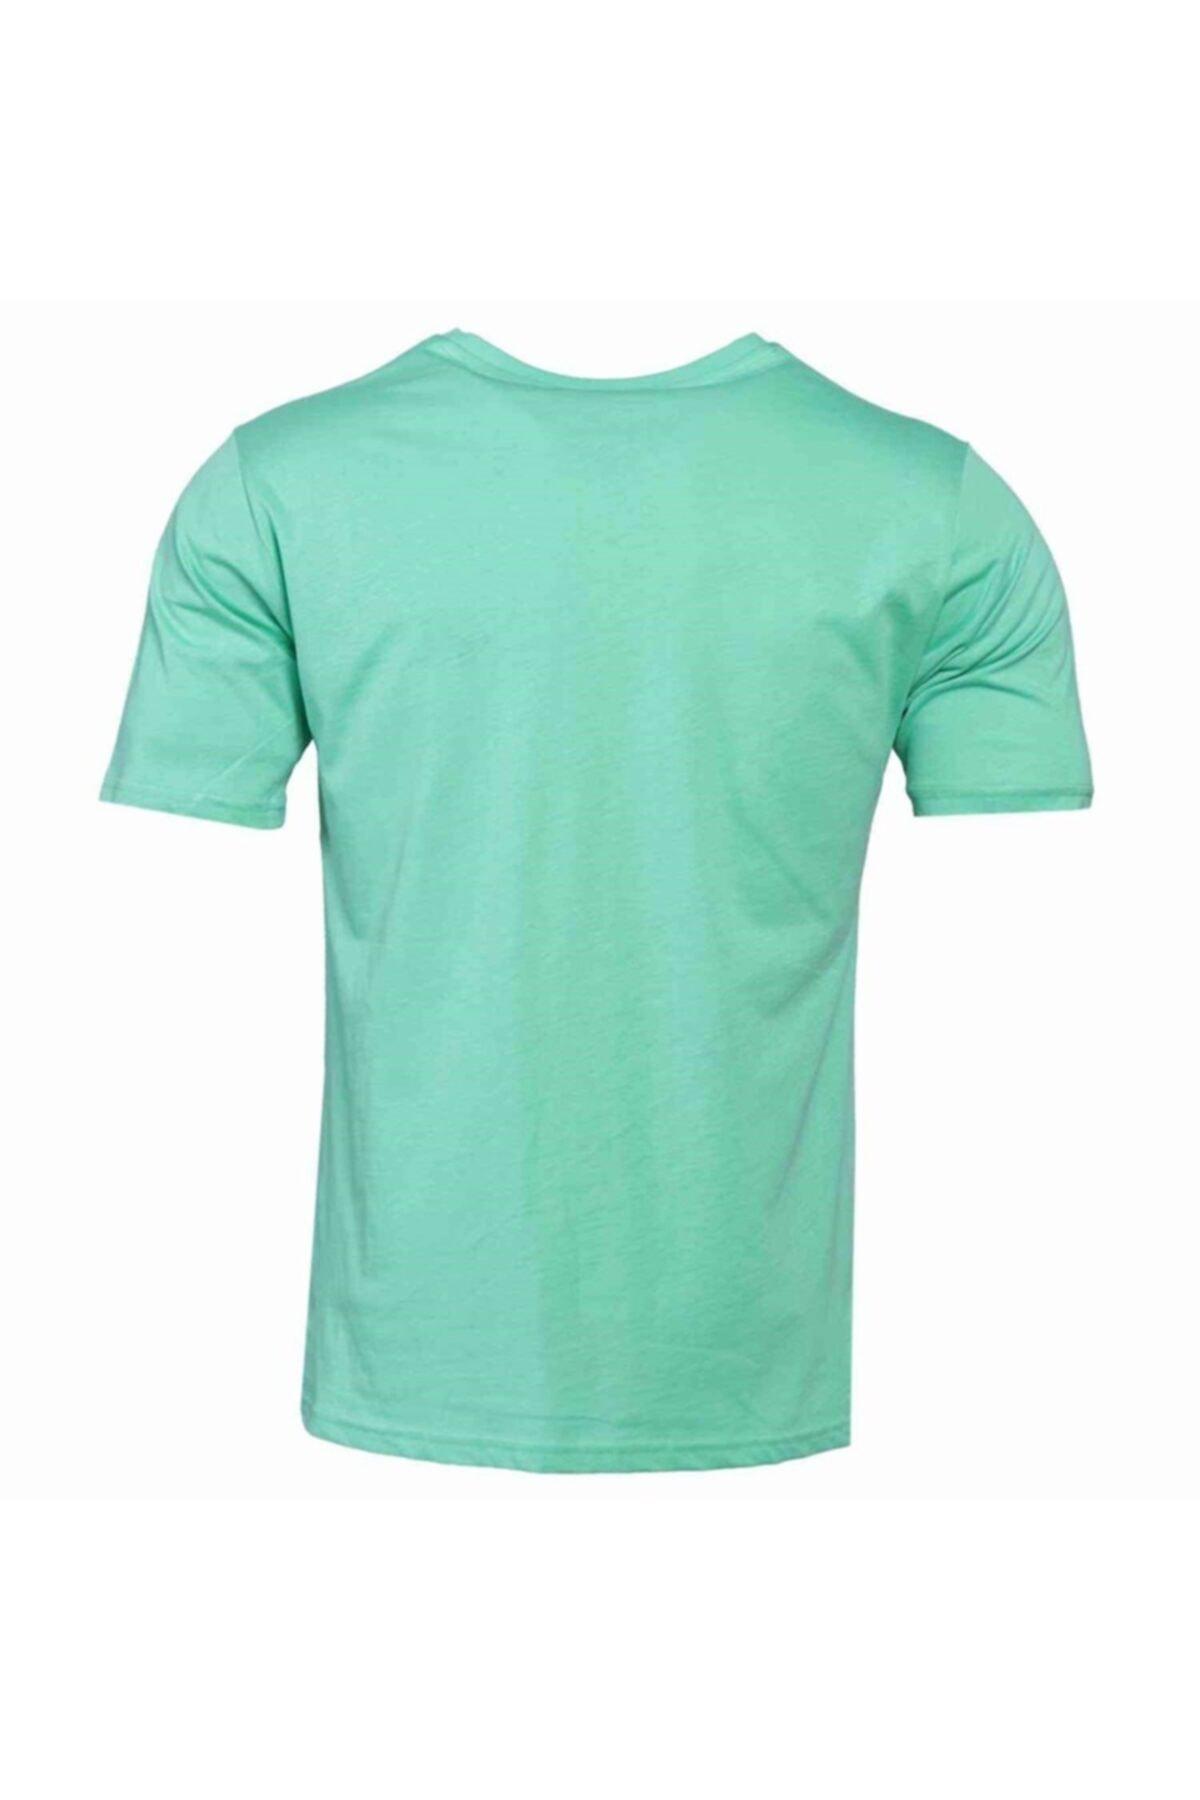 HUMMEL Erkek Hmlwargo T-shirt S/s Tee 2